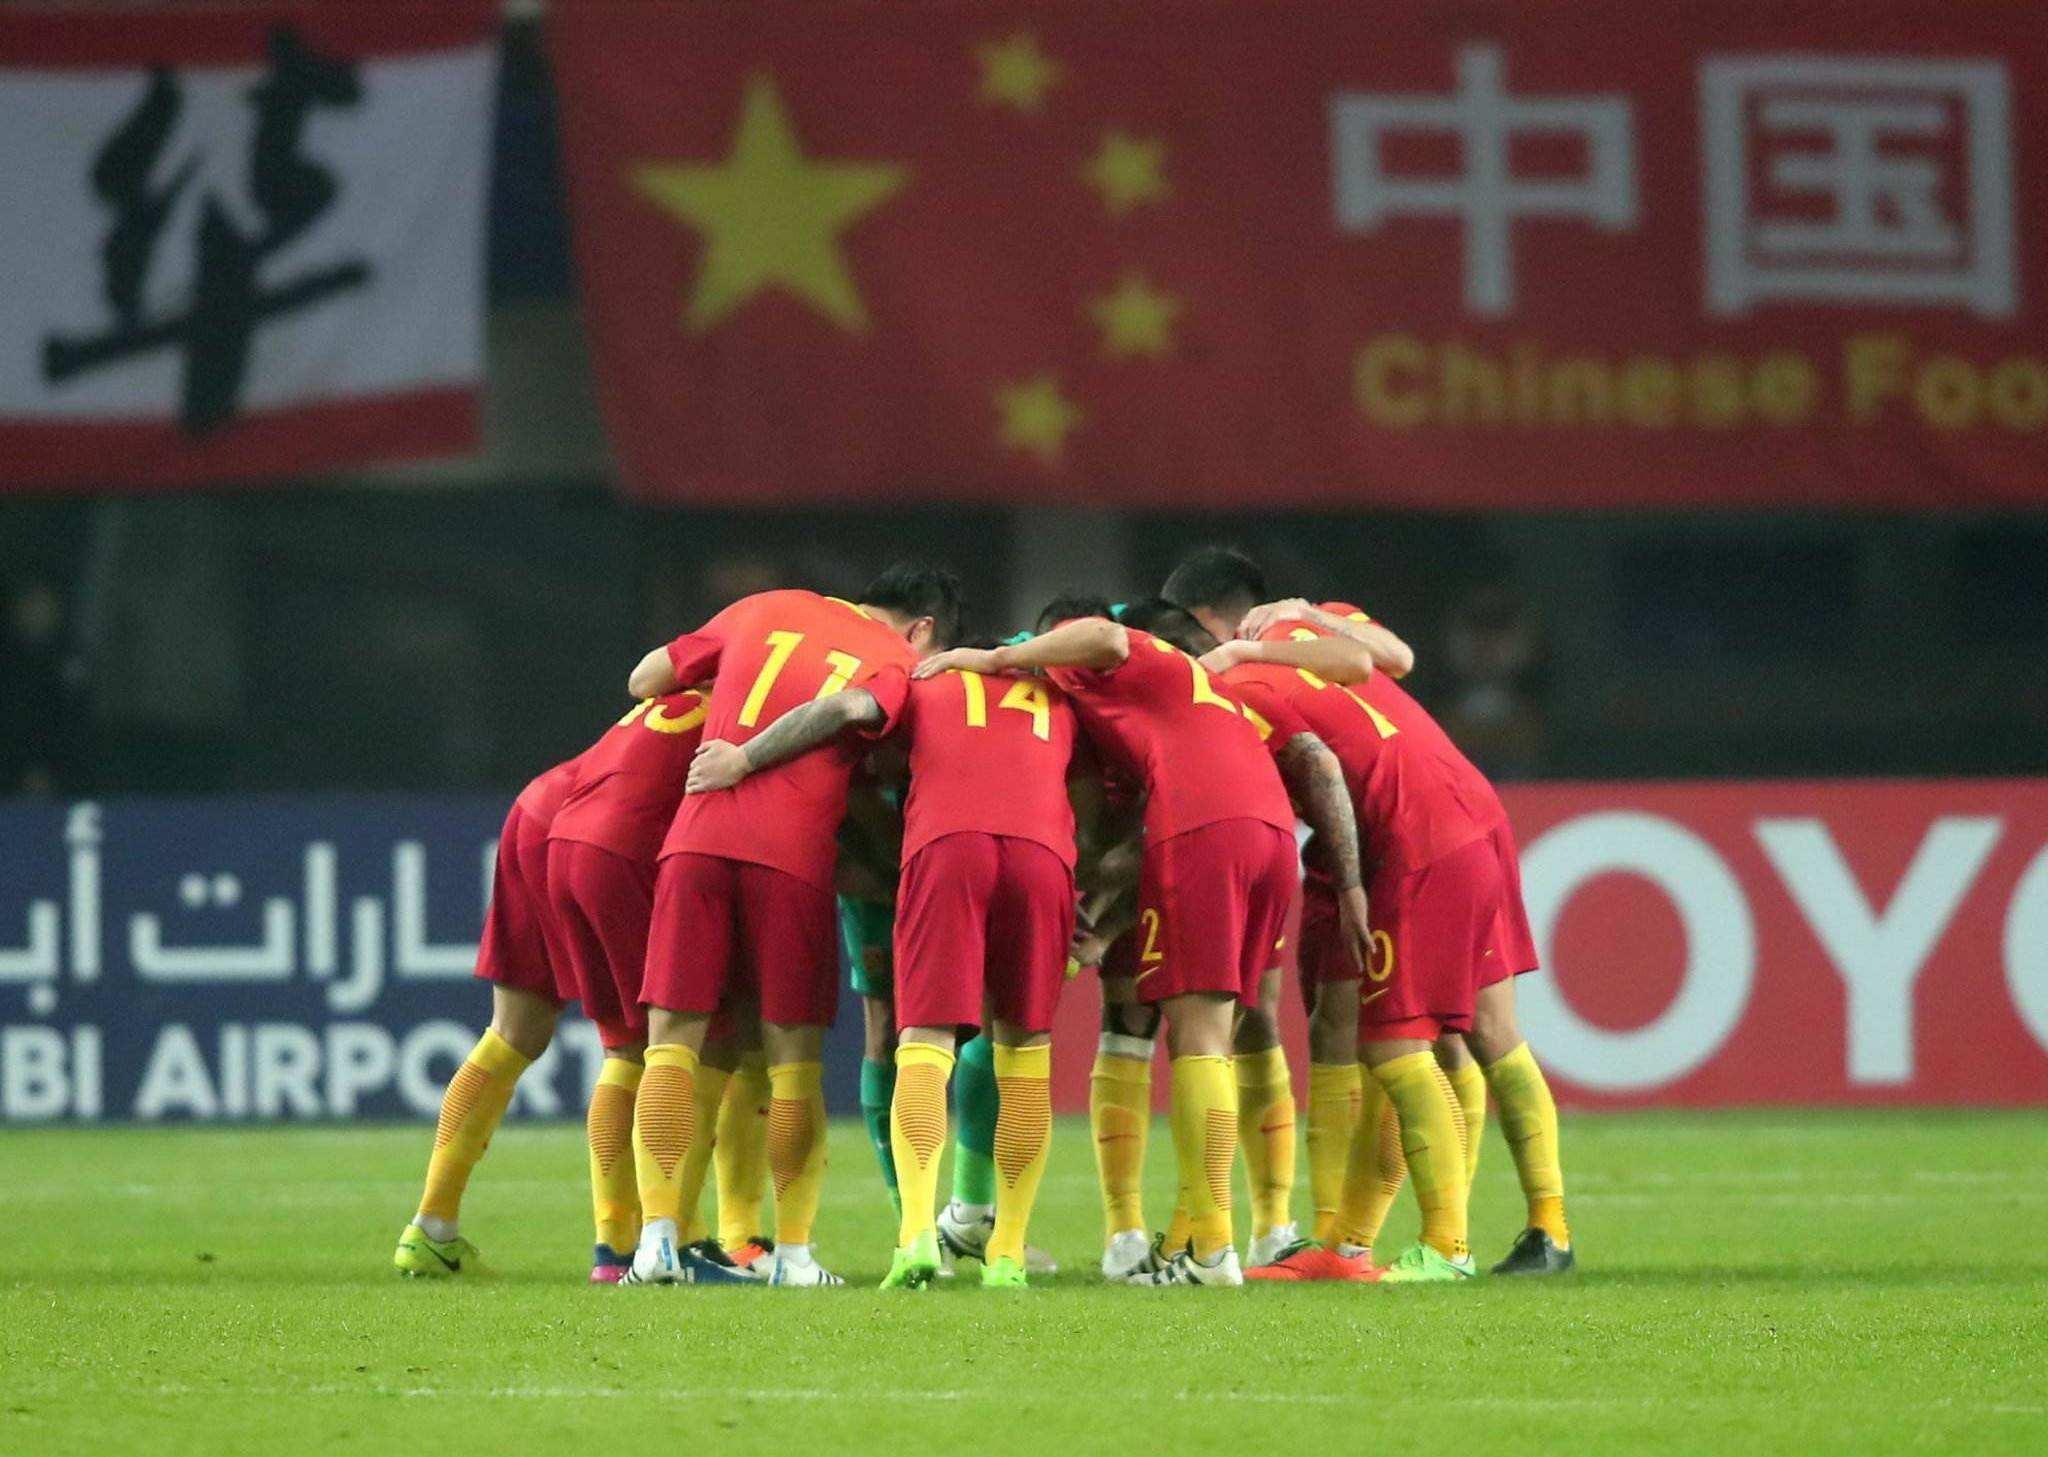 中国足球或降薪30%,中乙老板欠薪还要球员感恩图片